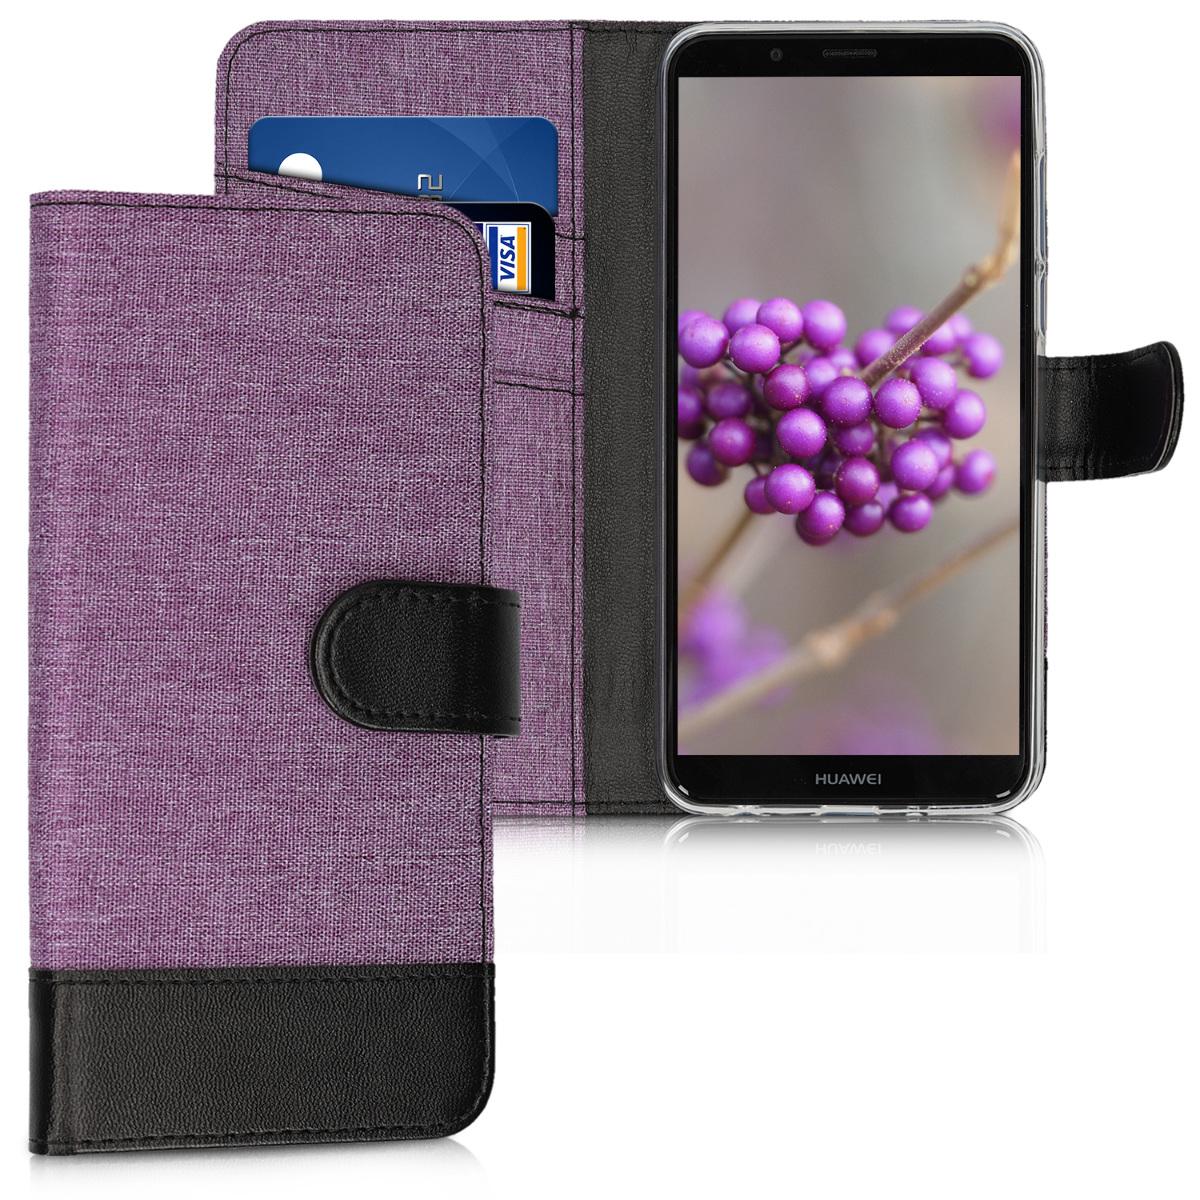 KW Θήκη - Πορτοφόλι Huawei Y7 / Y7 Prime 2018 - Violet / Black (44822.05)